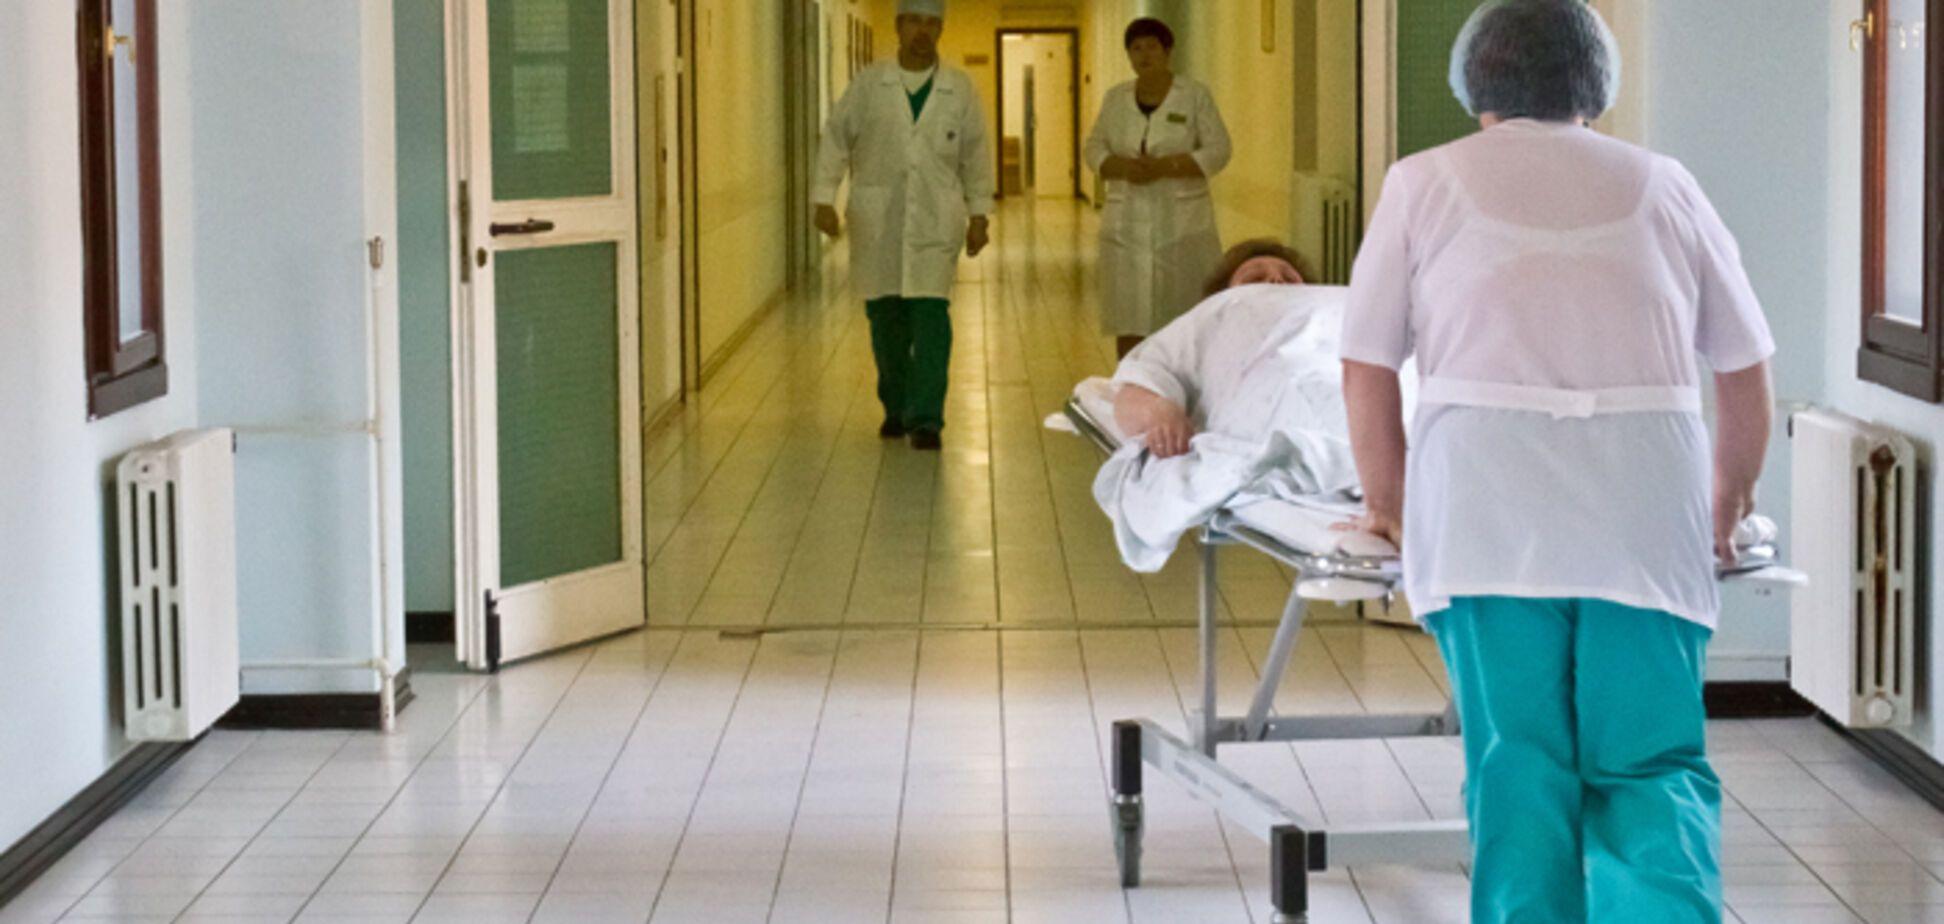 'Це в нашому менталітеті': лікар назвав несподівану причину хвороб